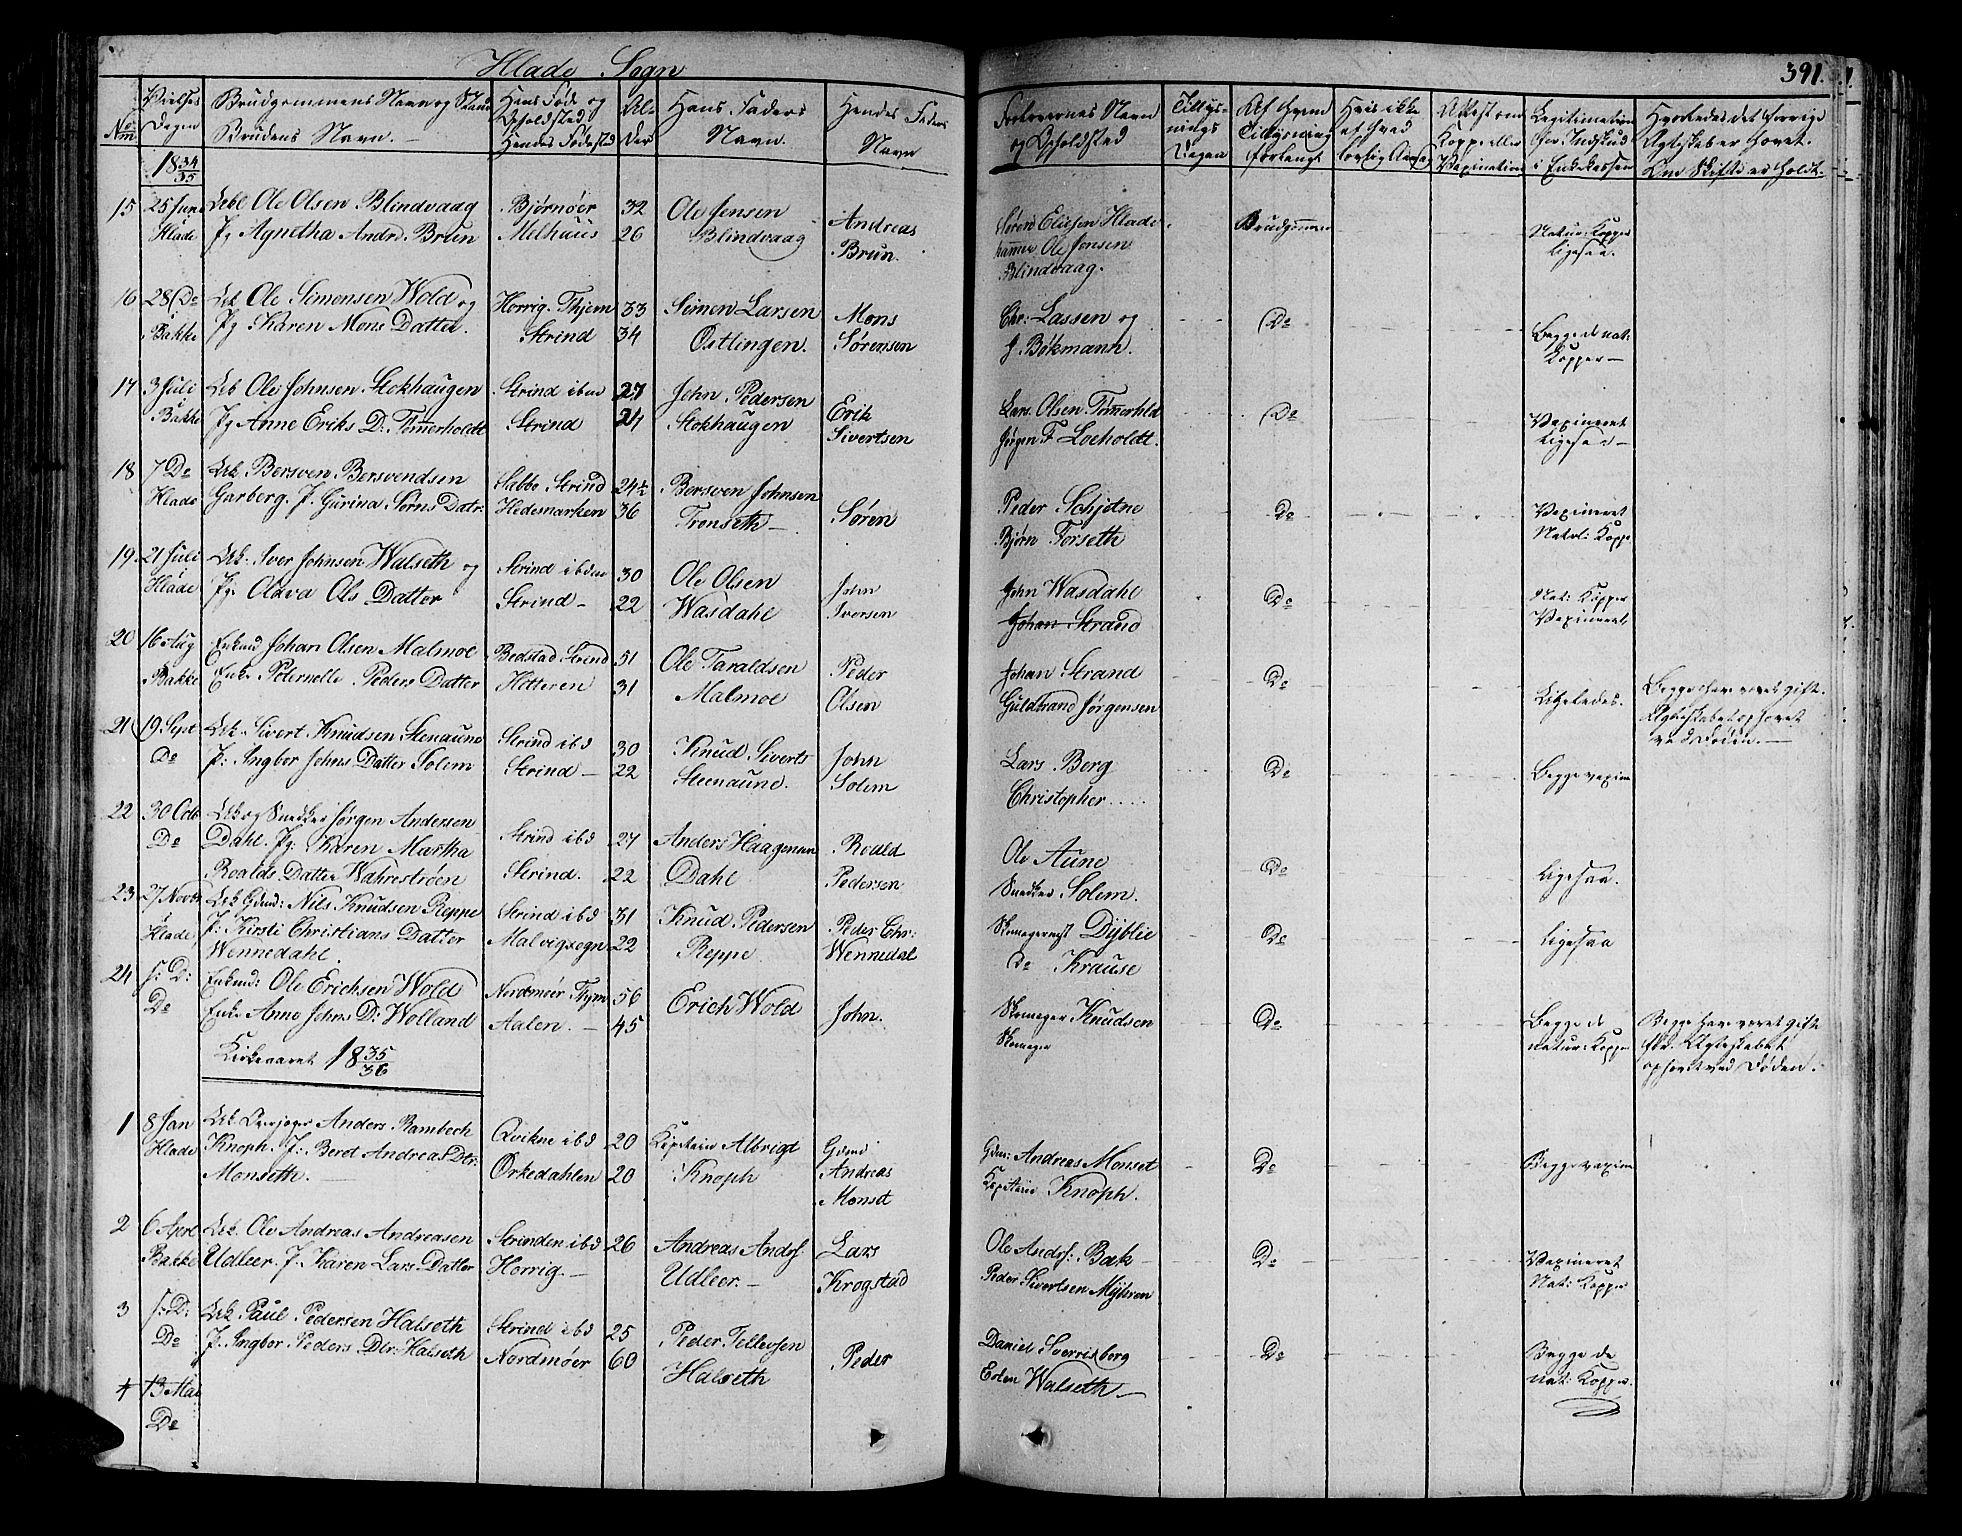 SAT, Ministerialprotokoller, klokkerbøker og fødselsregistre - Sør-Trøndelag, 606/L0286: Ministerialbok nr. 606A04 /1, 1823-1840, s. 391